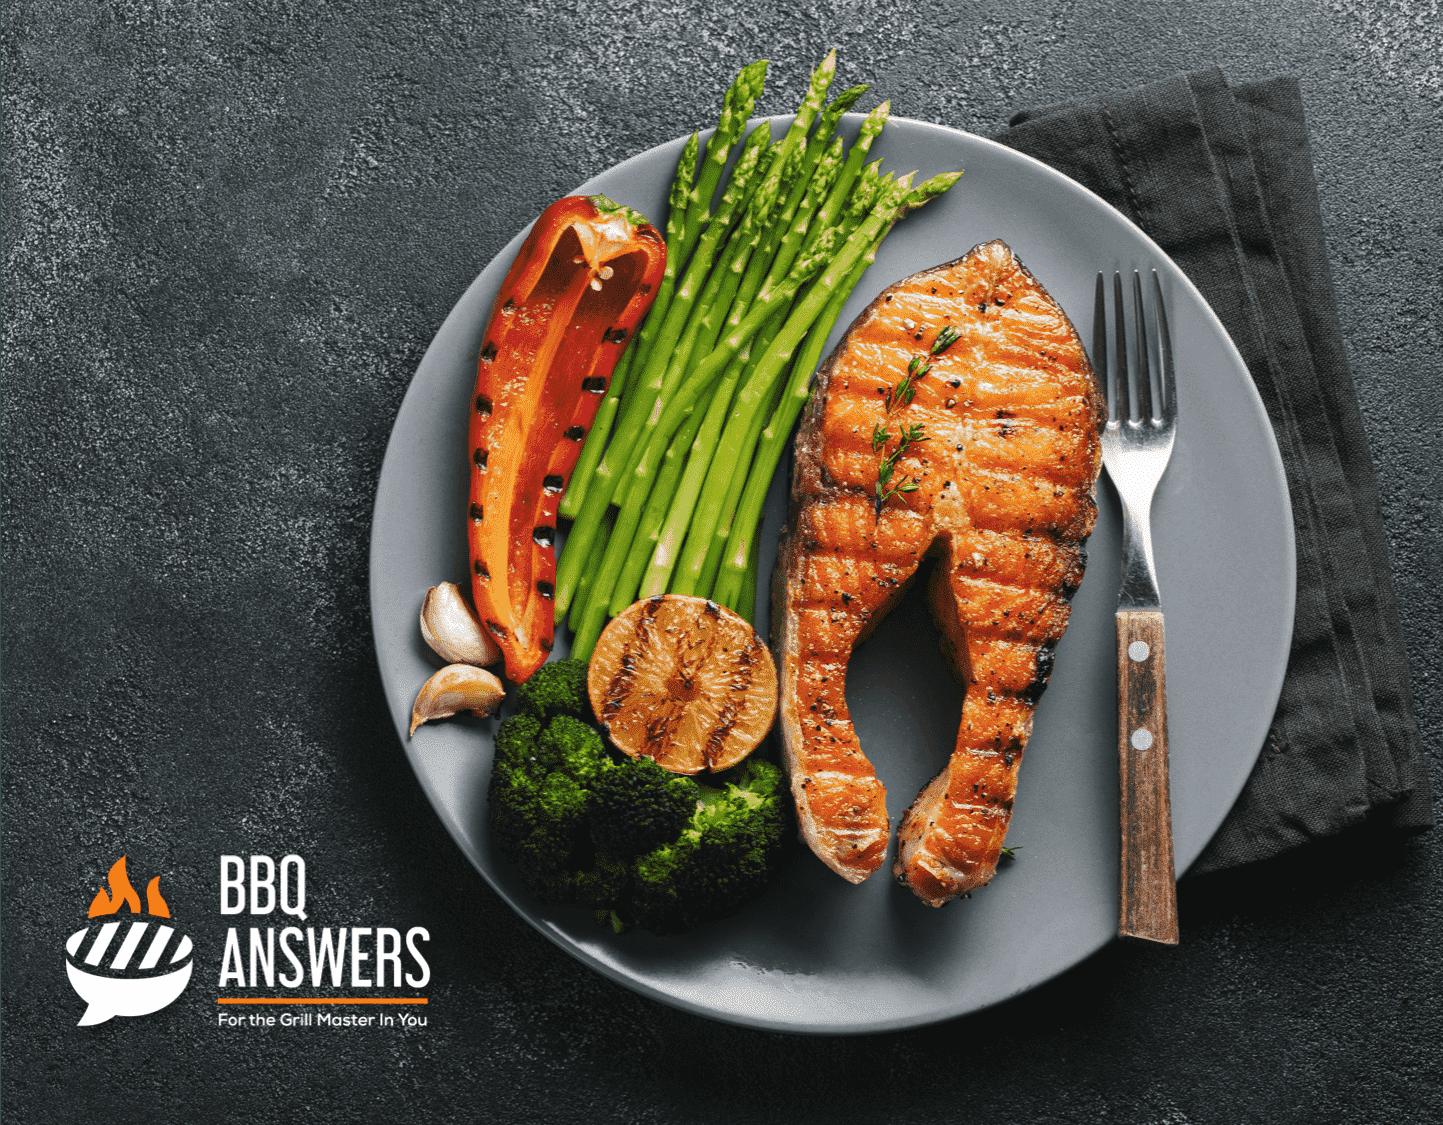 Keto BBQ Guide | BBQanswers